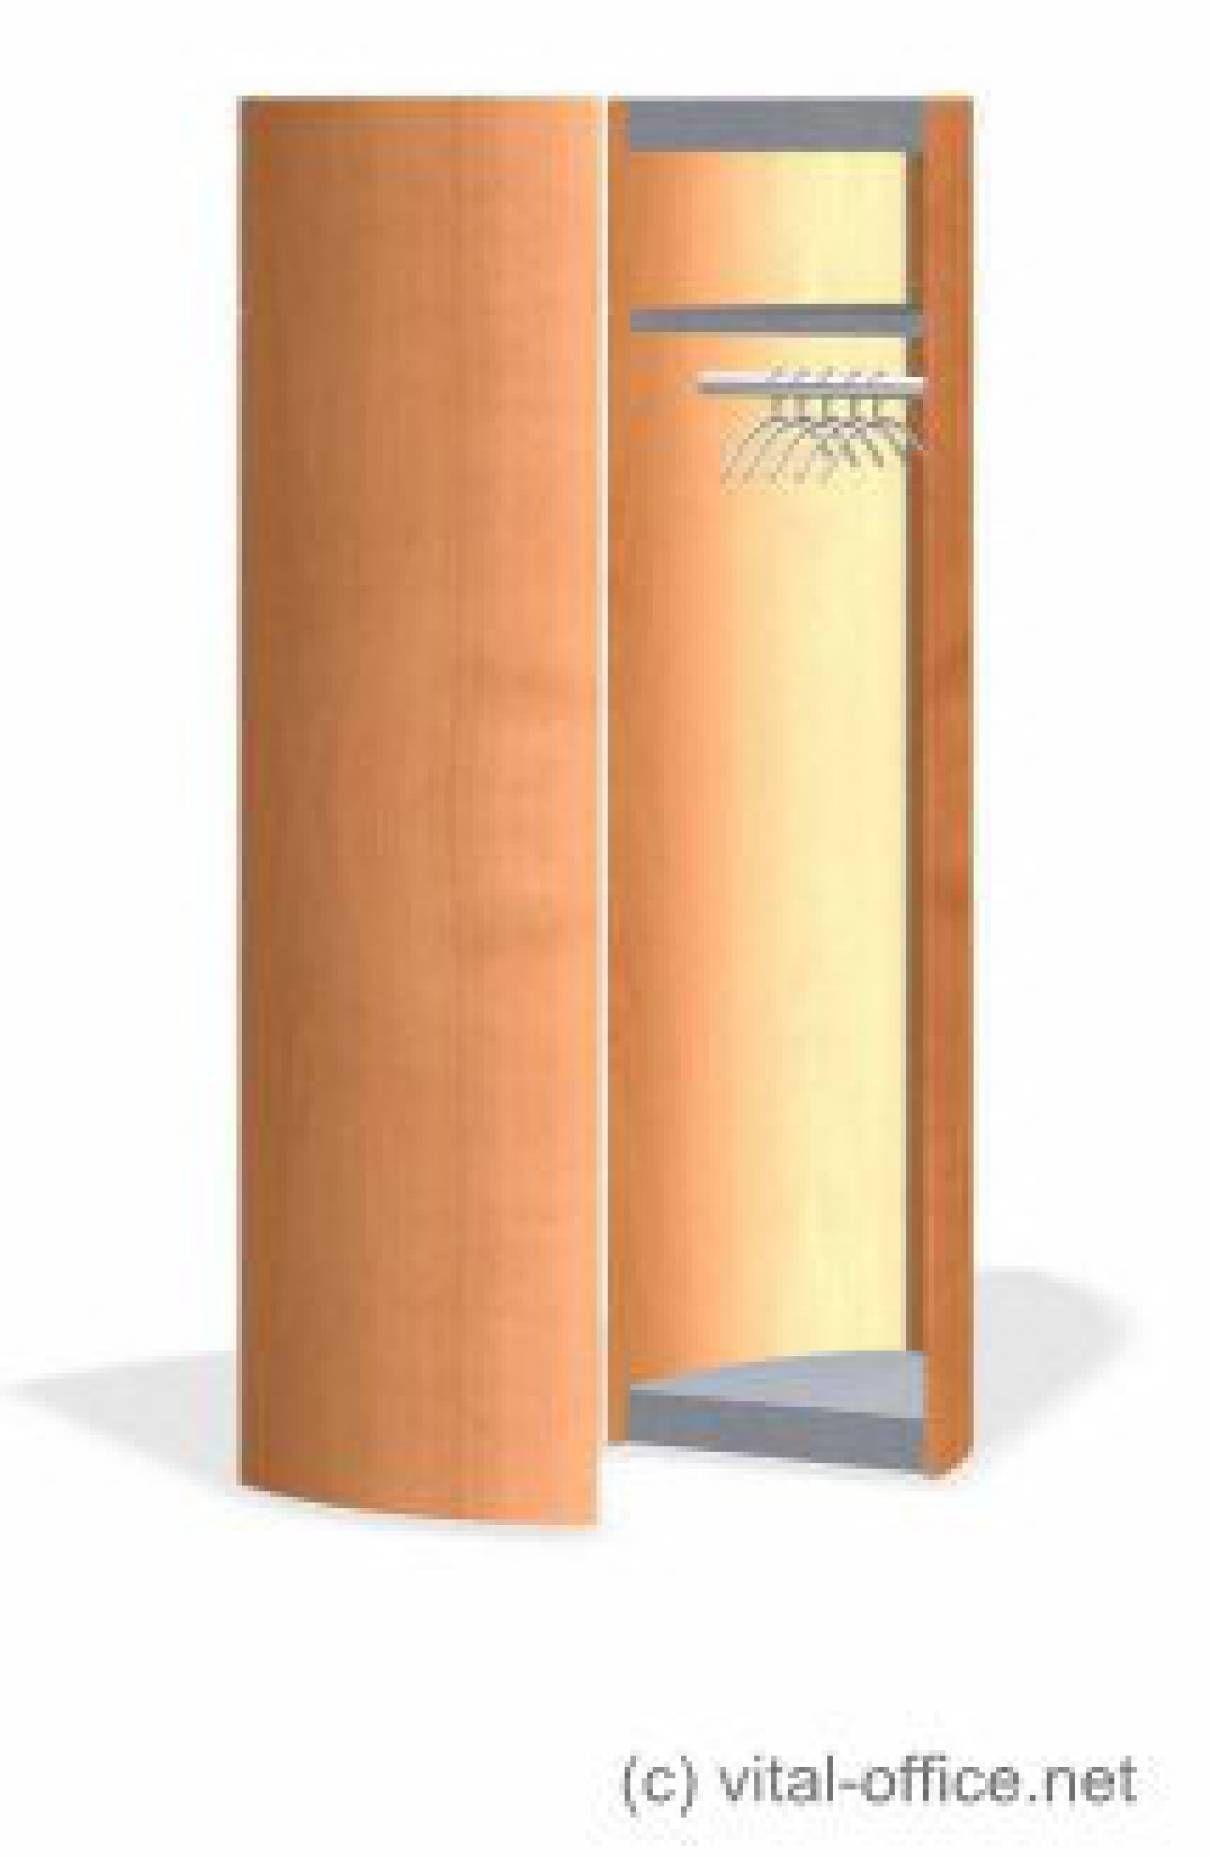 Mobile Garderobe Fahrbar Und Aufklappbar Garderobe Design